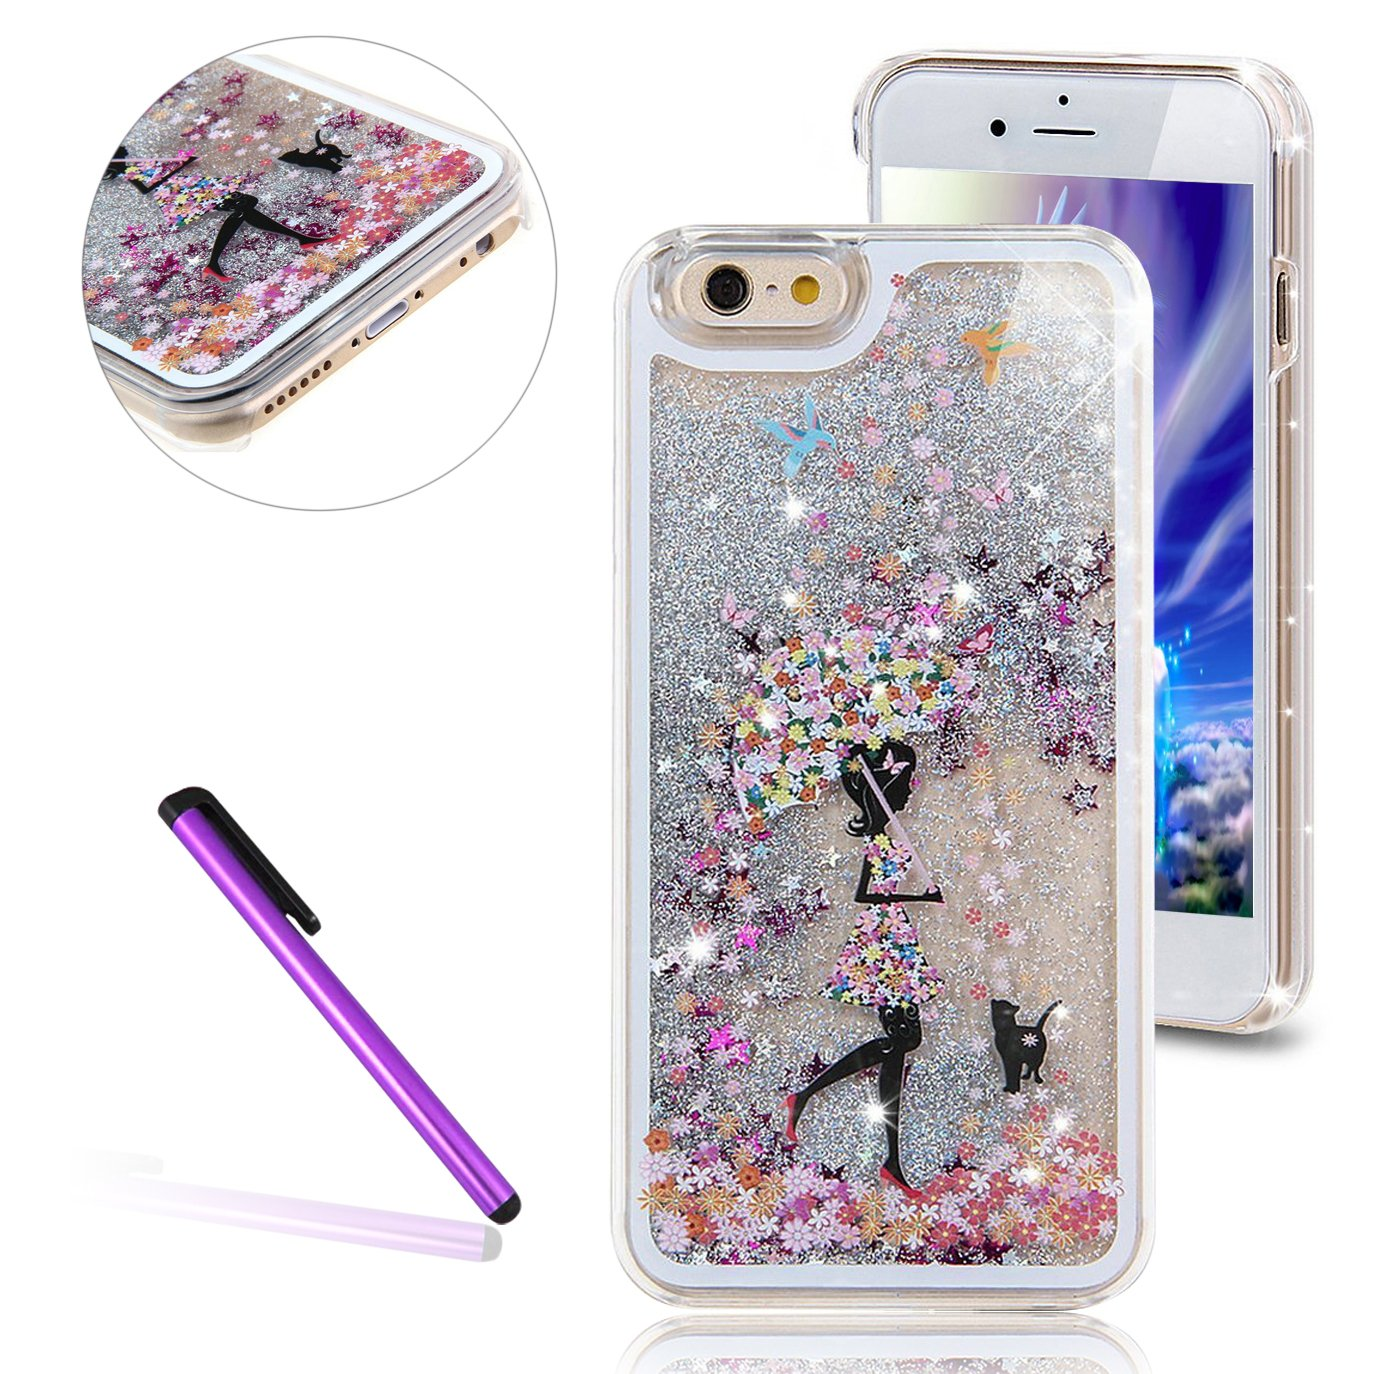 EMAXELERS iPhone 7 Plus 3Dキラキラ輝く蝶妖精の女の子デザイン流れる液体耐衝撃クリアハードケースfor iPhone 7 plus 5.5インチ、シルバーリキッドアンブレラガール   B01LYO0WJT